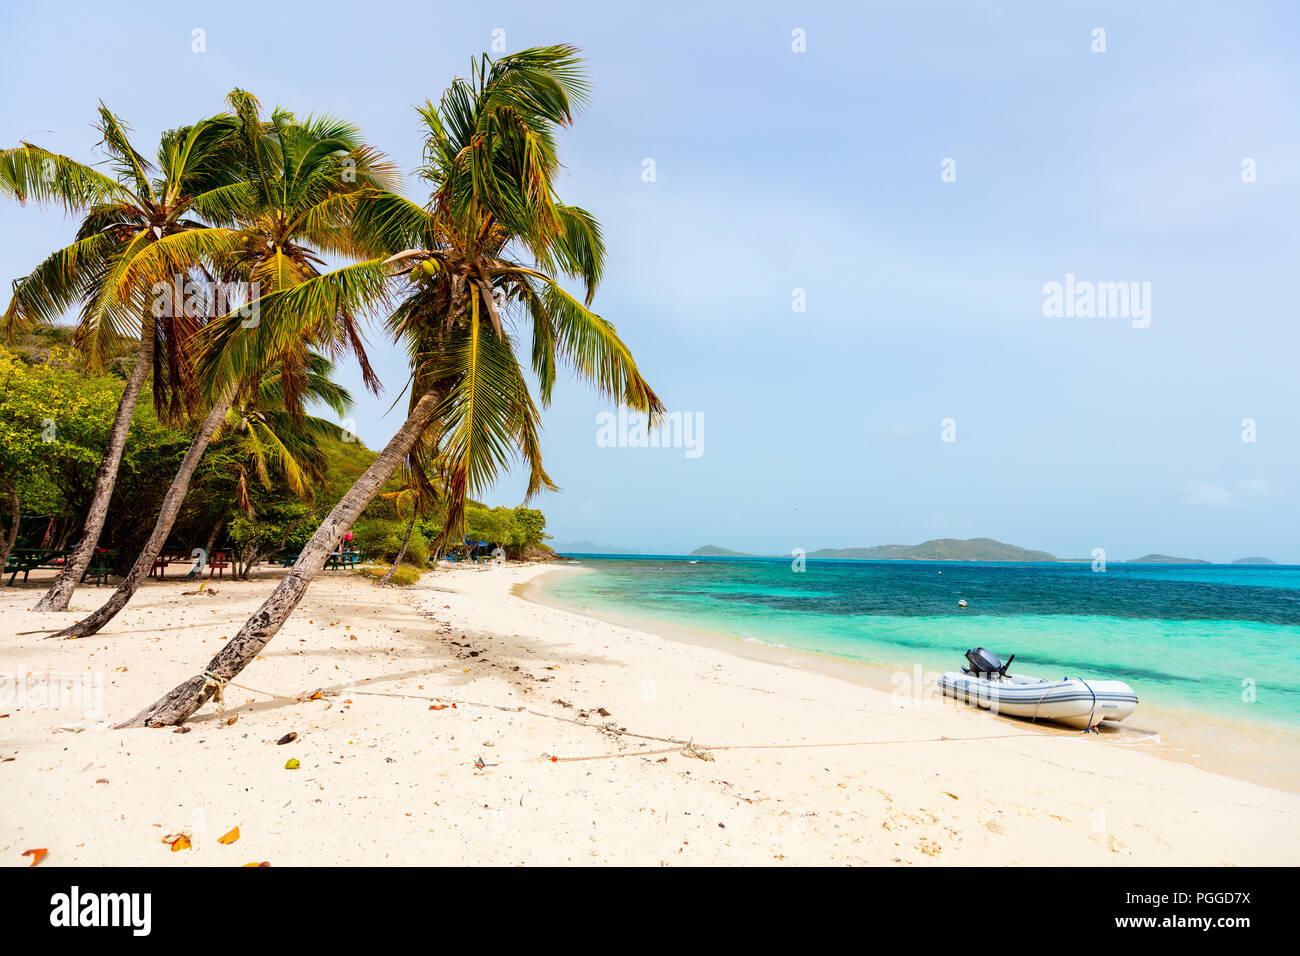 Tropical idyllique plage de sable blanc, les palmiers et la mer turquoise des Caraïbes sur l'île exotique de l'eau à Tobago Cays à St Vincent et les Grenadines Photo Stock